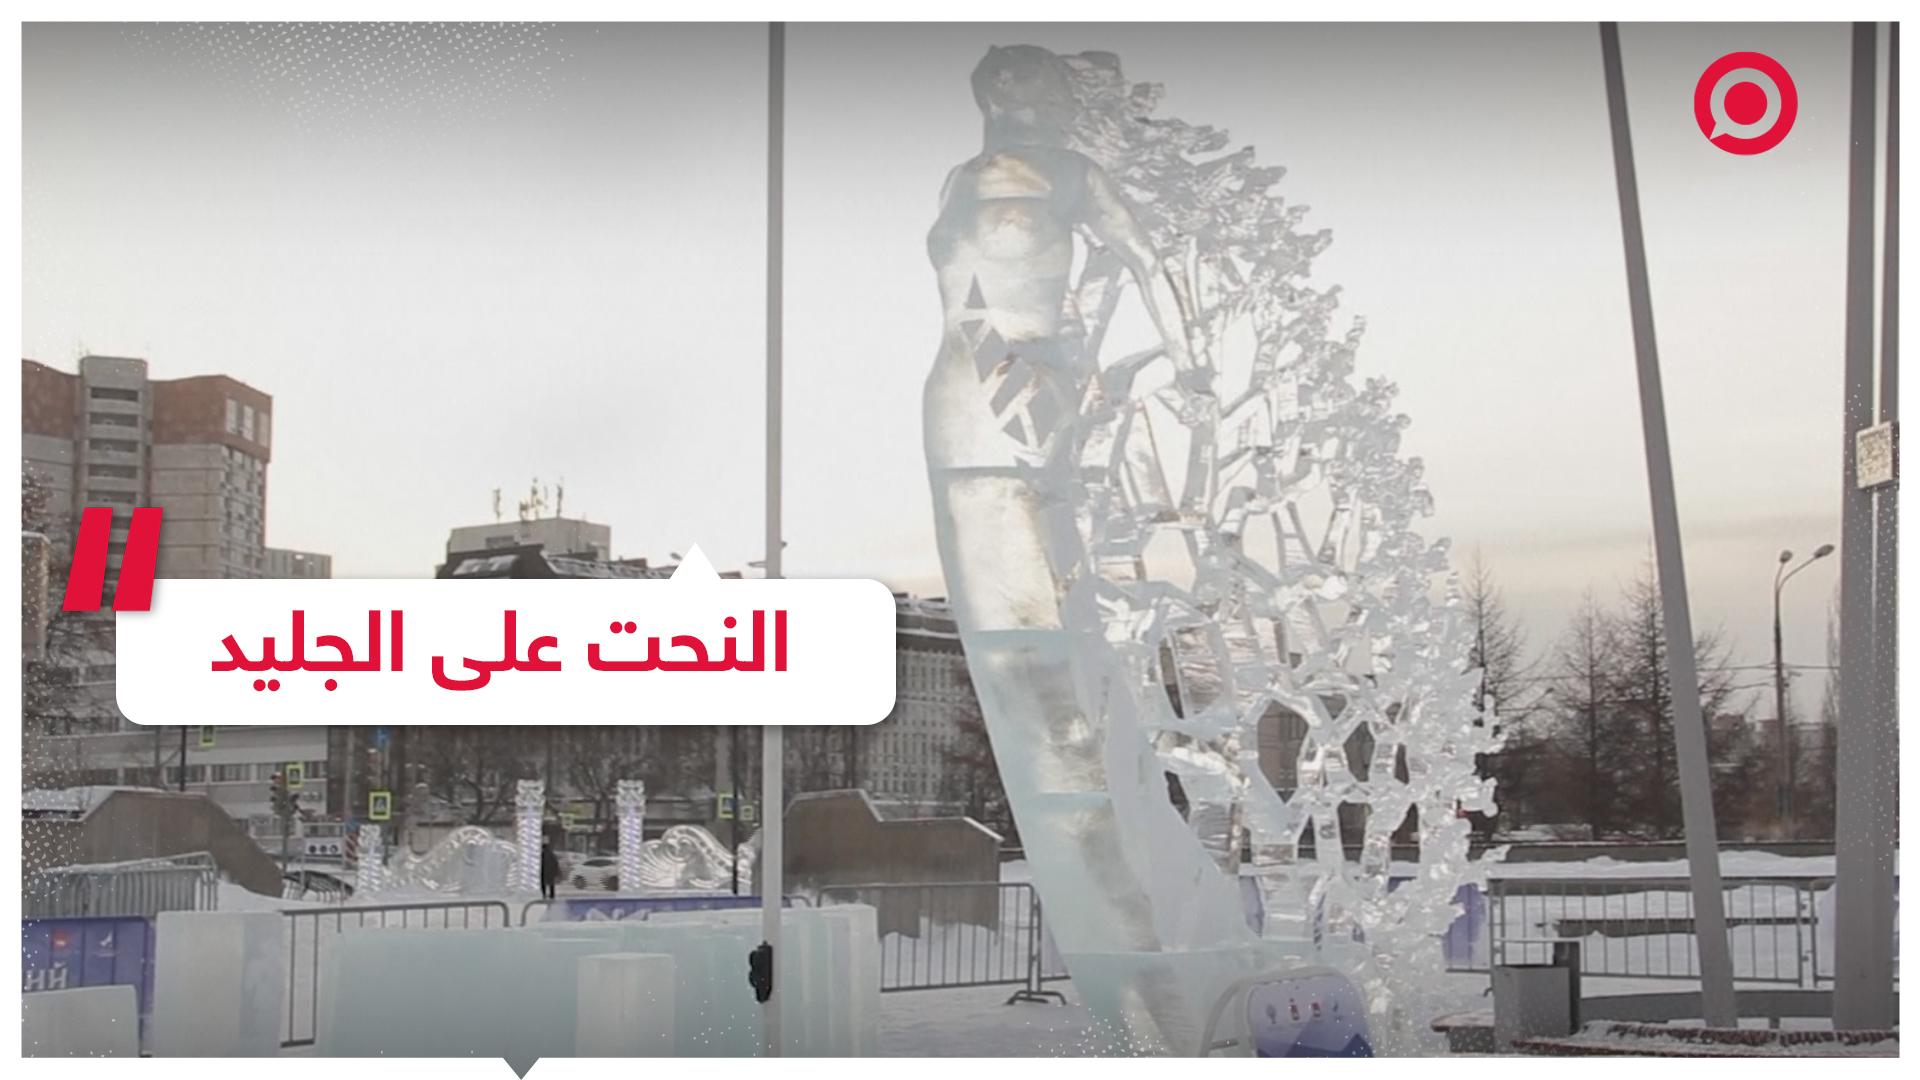 مسابقة النحت على الجليد في مدينة بيرم الروسية